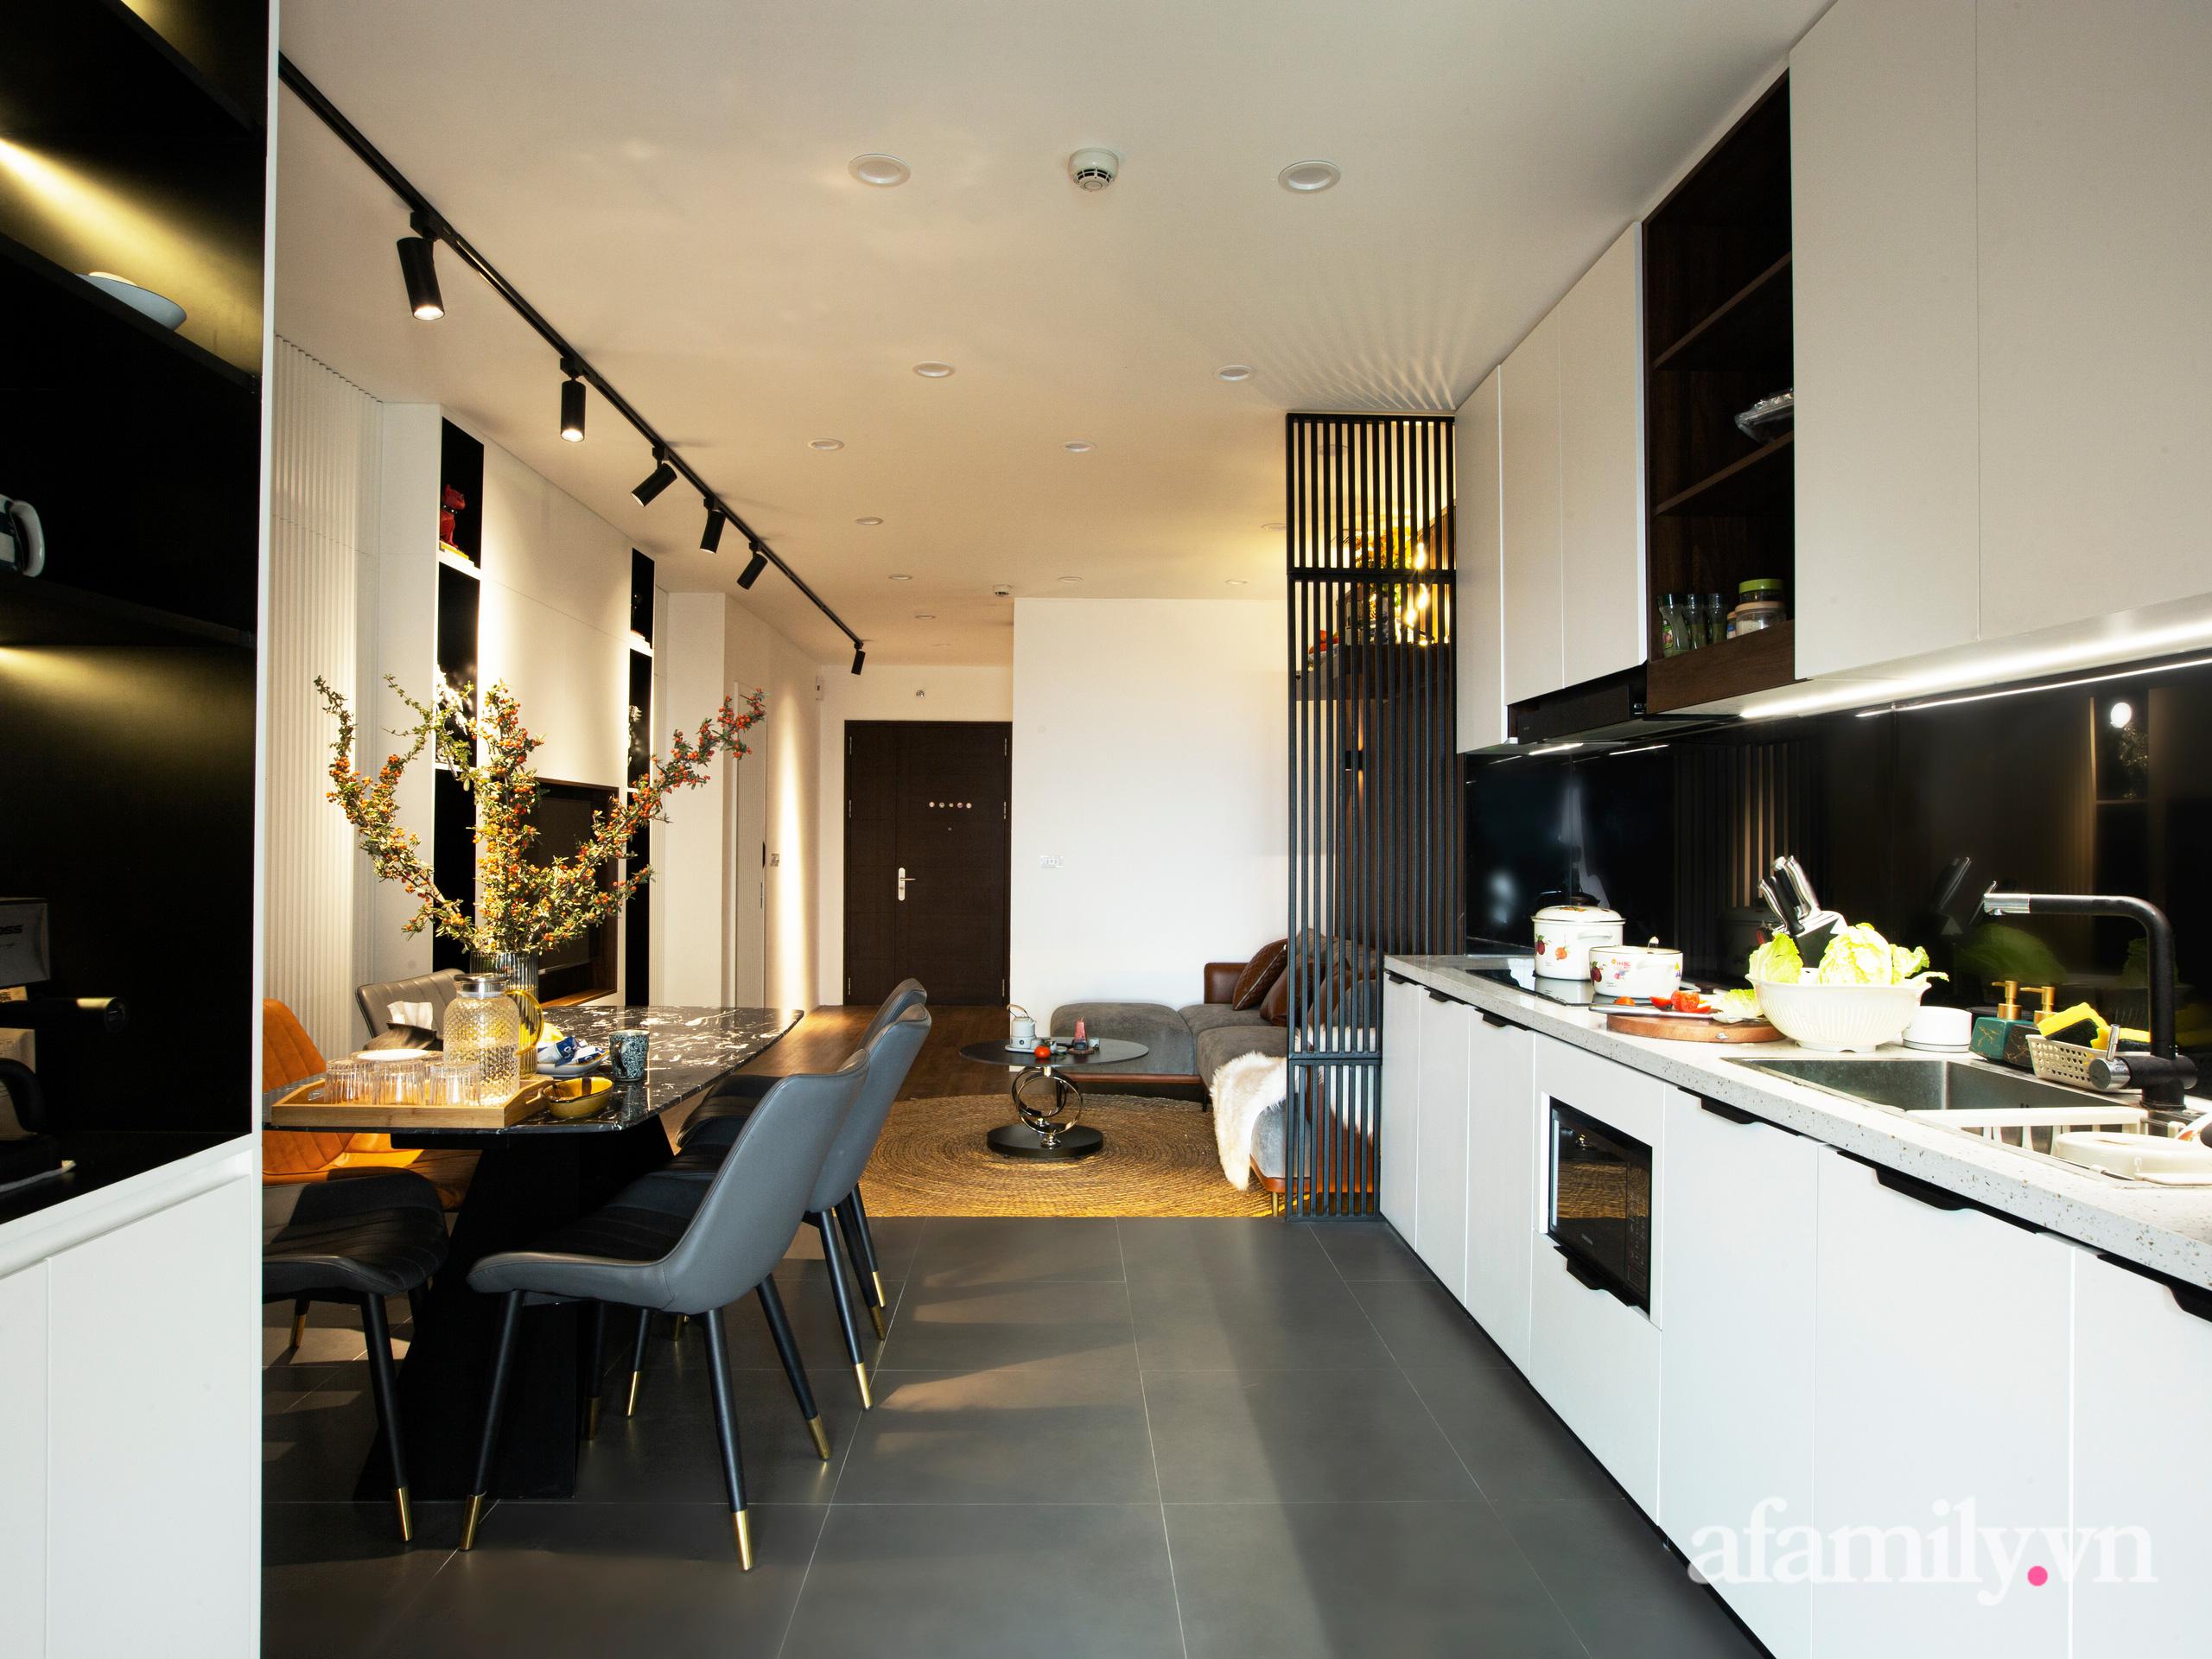 """Bị """"lật kèo"""" nhà đất tưởng mất tiền tỷ đến sở hữu căn hộ 5 sao ở thủ đô, cặp vợ chồng Hải Dương kể hành trình gian nan mua nhà - Ảnh 3."""